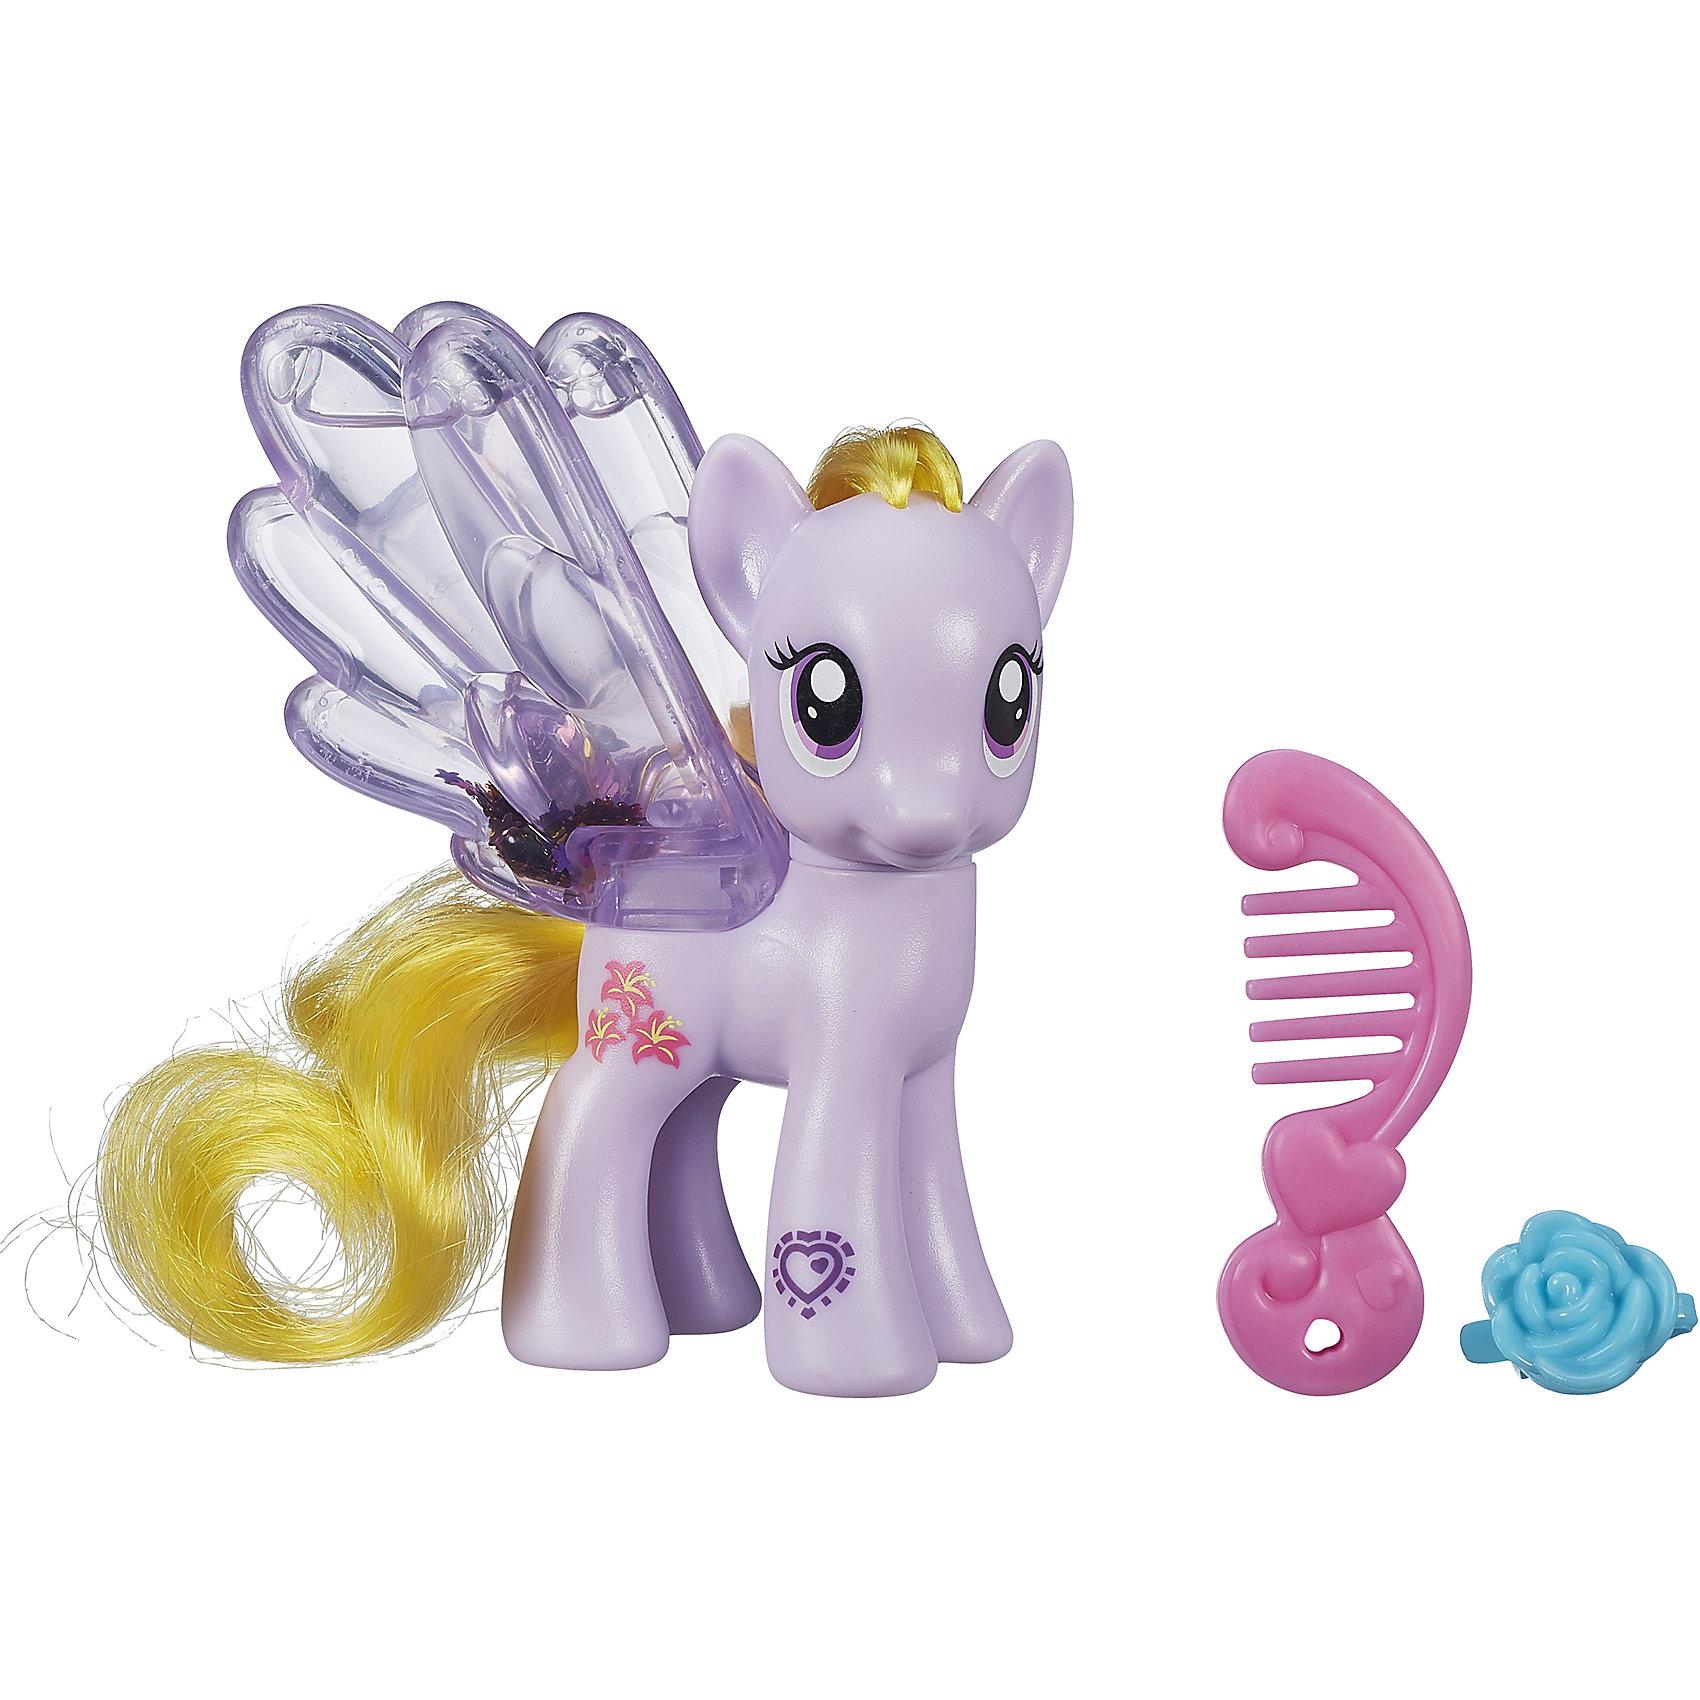 Пони с блестками, My little Pony, B0357/B3221Эти маленькие красавицы порадуют всех любительниц My little Pony (Моя Маленькая Пони).  У пони прозрачные ножки, заполненные водой и блестками. Посмотри, как они блестят и переливаются. Пышную мягкую гриву лошадок можно расчесывать, создавая различные прически. Собери всех  Пони, пусть они ходят друг к другу в гости, меняются аксессуарами, дружат. Игрушка выполнена из высококачественных материалов безопасных для детей.   Дополнительная информация:  - Материал: пластик. - Размер упаковки: 17 х 13.8 х 4.4 см. - Комплектация: фигурка, расческа, заколка.   ВНИМАНИЕ! Данный артикул представлен в разных вариантах исполнения. К сожалению, заранее выбрать определенный вариант невозможно. При заказе нескольких игрушек  возможно получение одинаковых.  Пони с блестками, My little Pony ( Май Литл Пони) в ассортименте можно купить в нашем магазине.<br><br>Ширина мм: 44<br>Глубина мм: 138<br>Высота мм: 170<br>Вес г: 350<br>Возраст от месяцев: 36<br>Возраст до месяцев: 72<br>Пол: Женский<br>Возраст: Детский<br>SKU: 4803358